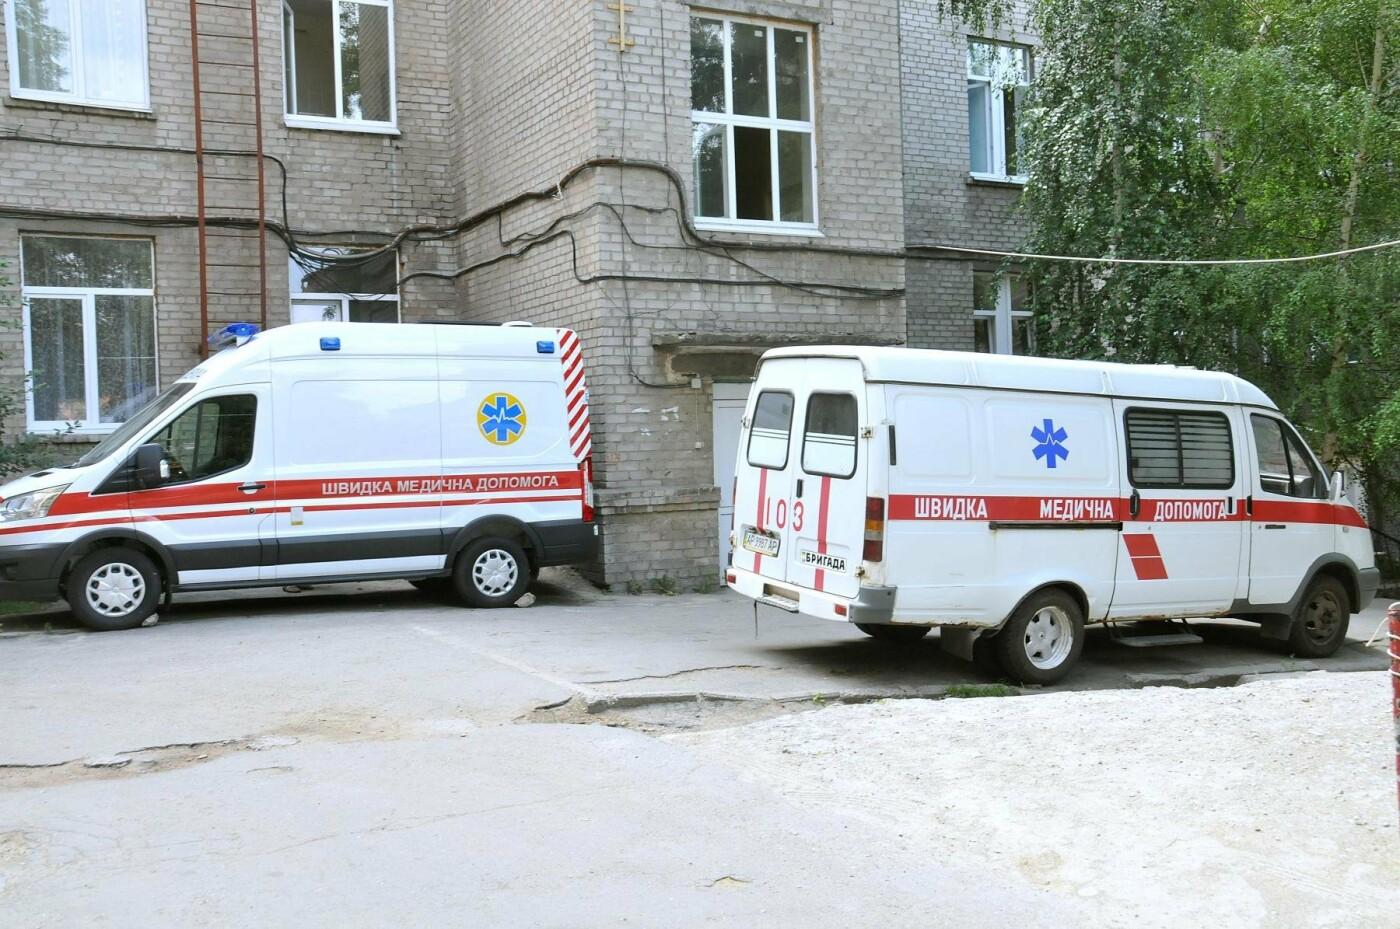 Владислав Марченко: Через месяц в областной детской больнице начнется демонтаж и строительство нового хирургического блока, фото-10